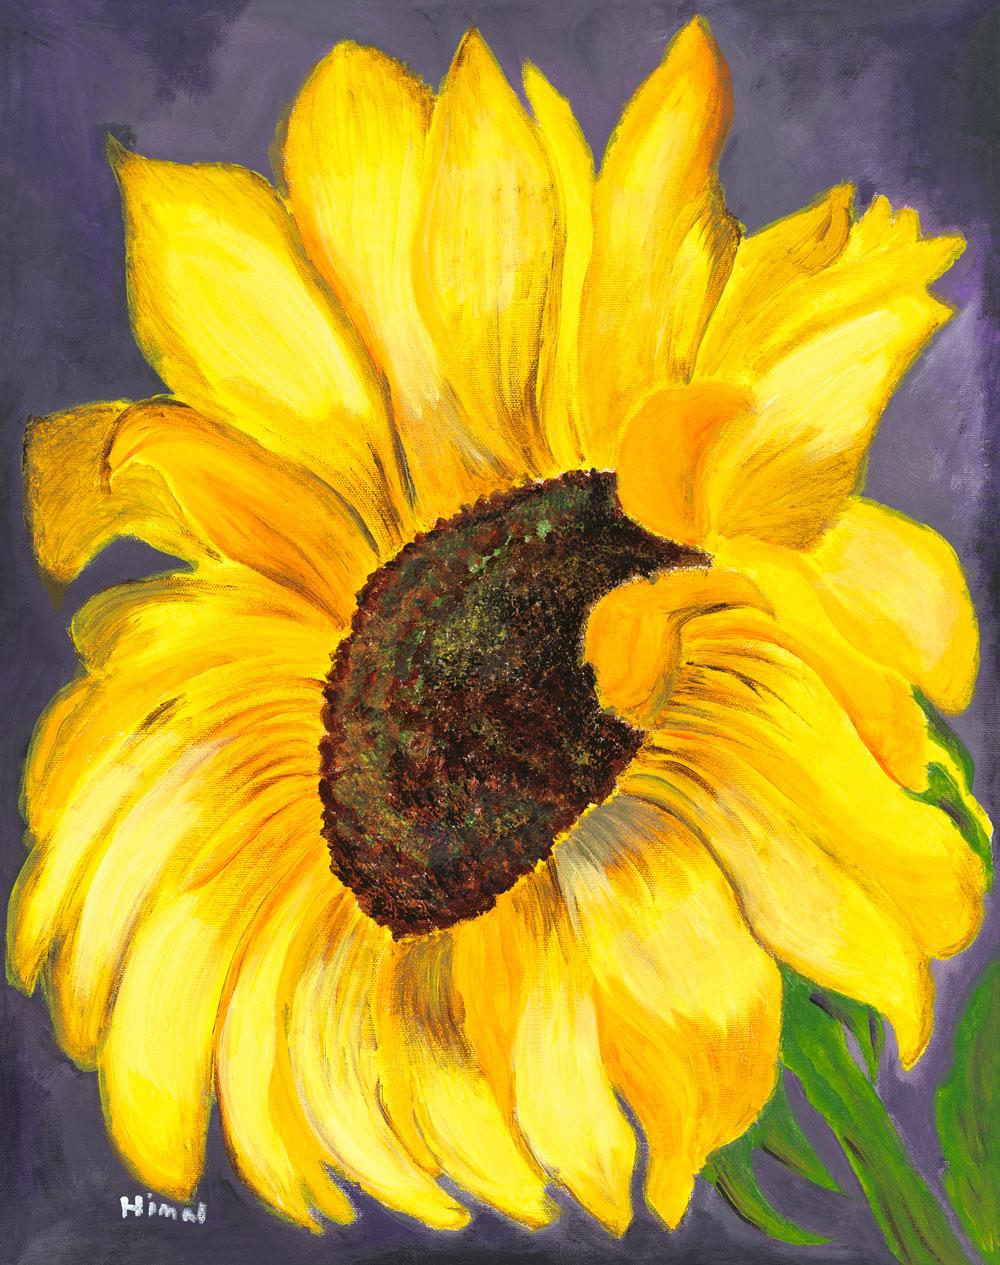 The-Sunflower.jpg